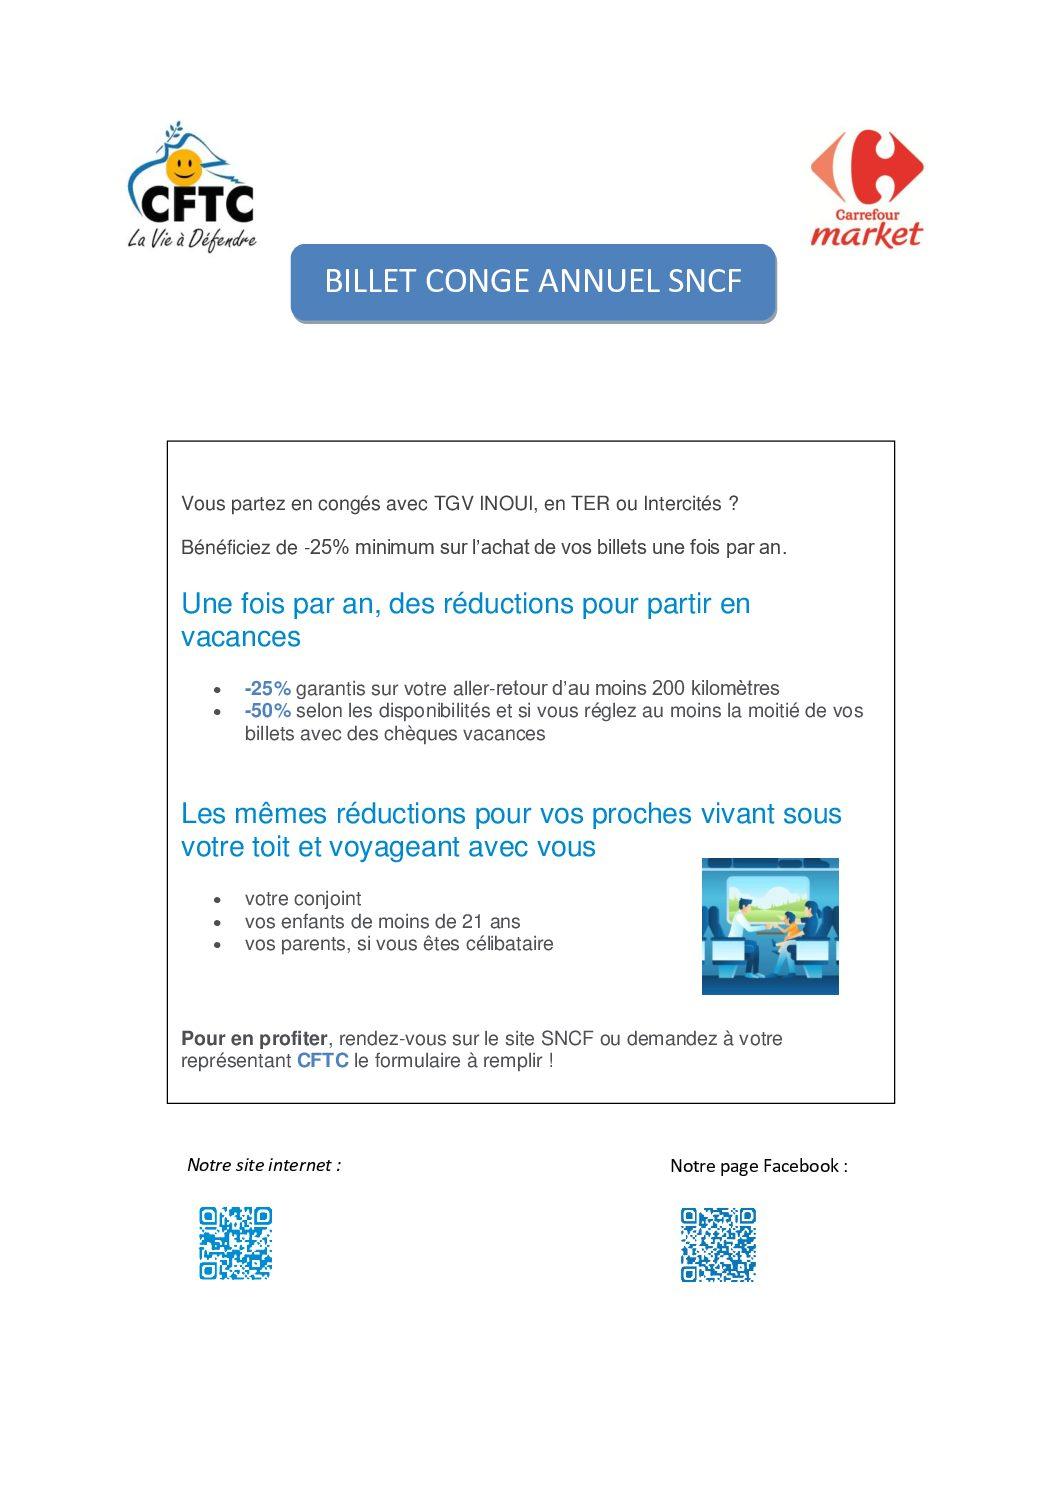 Billet de congé annuel SNCF